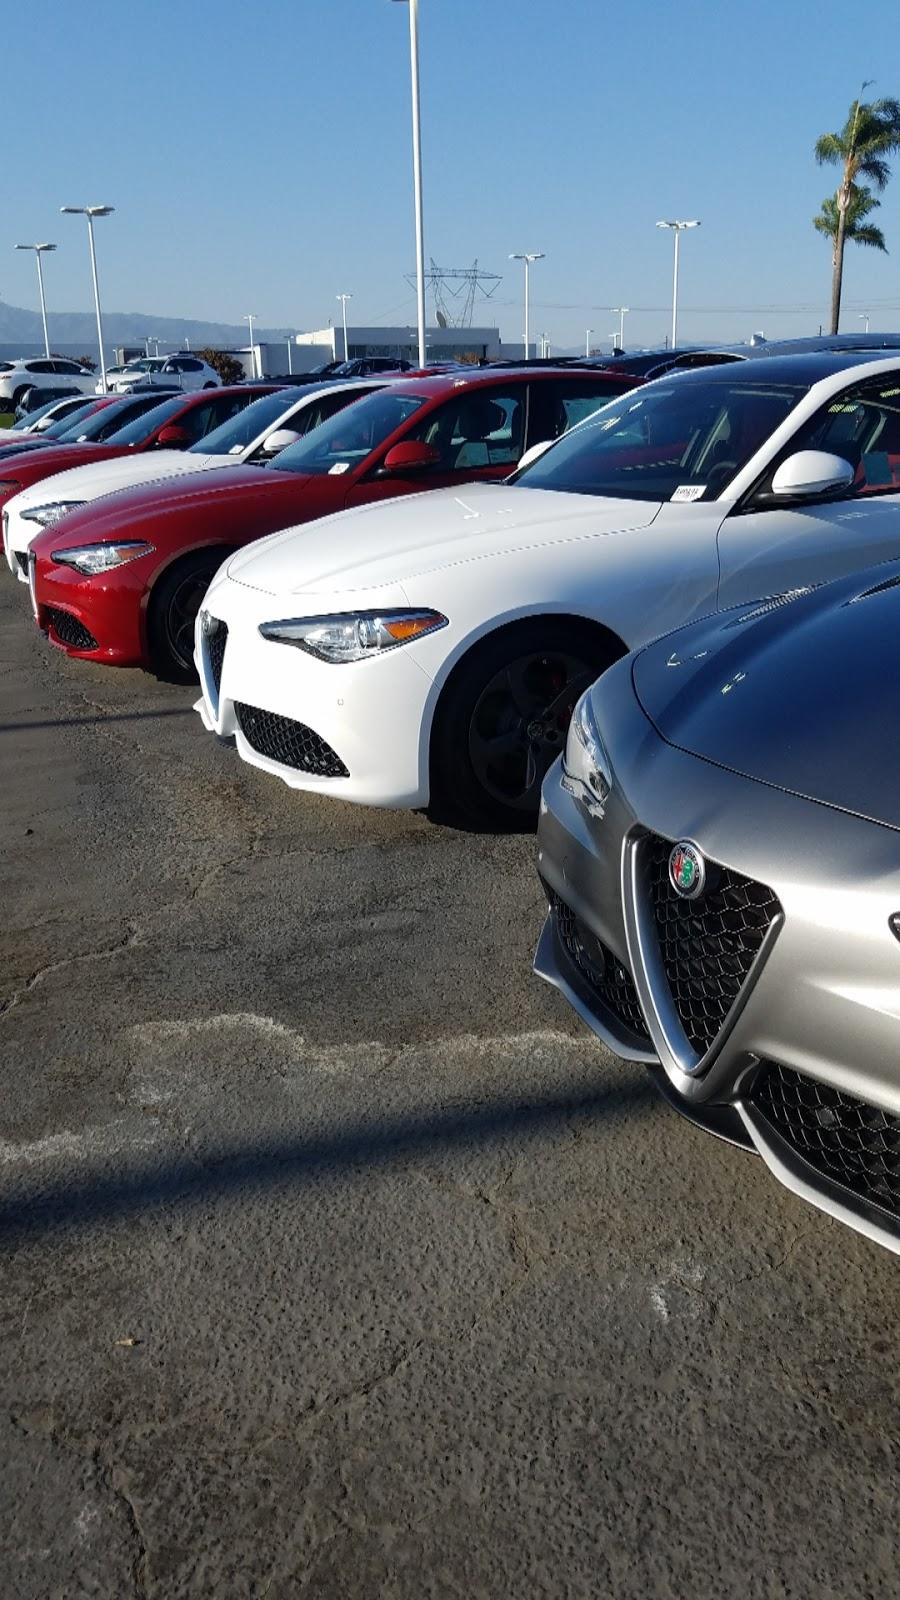 Alfa Romeo of Ontario - car dealer  | Photo 10 of 10 | Address: 1201 Auto Center Dr, Ontario, CA 91761, USA | Phone: (909) 321-3976